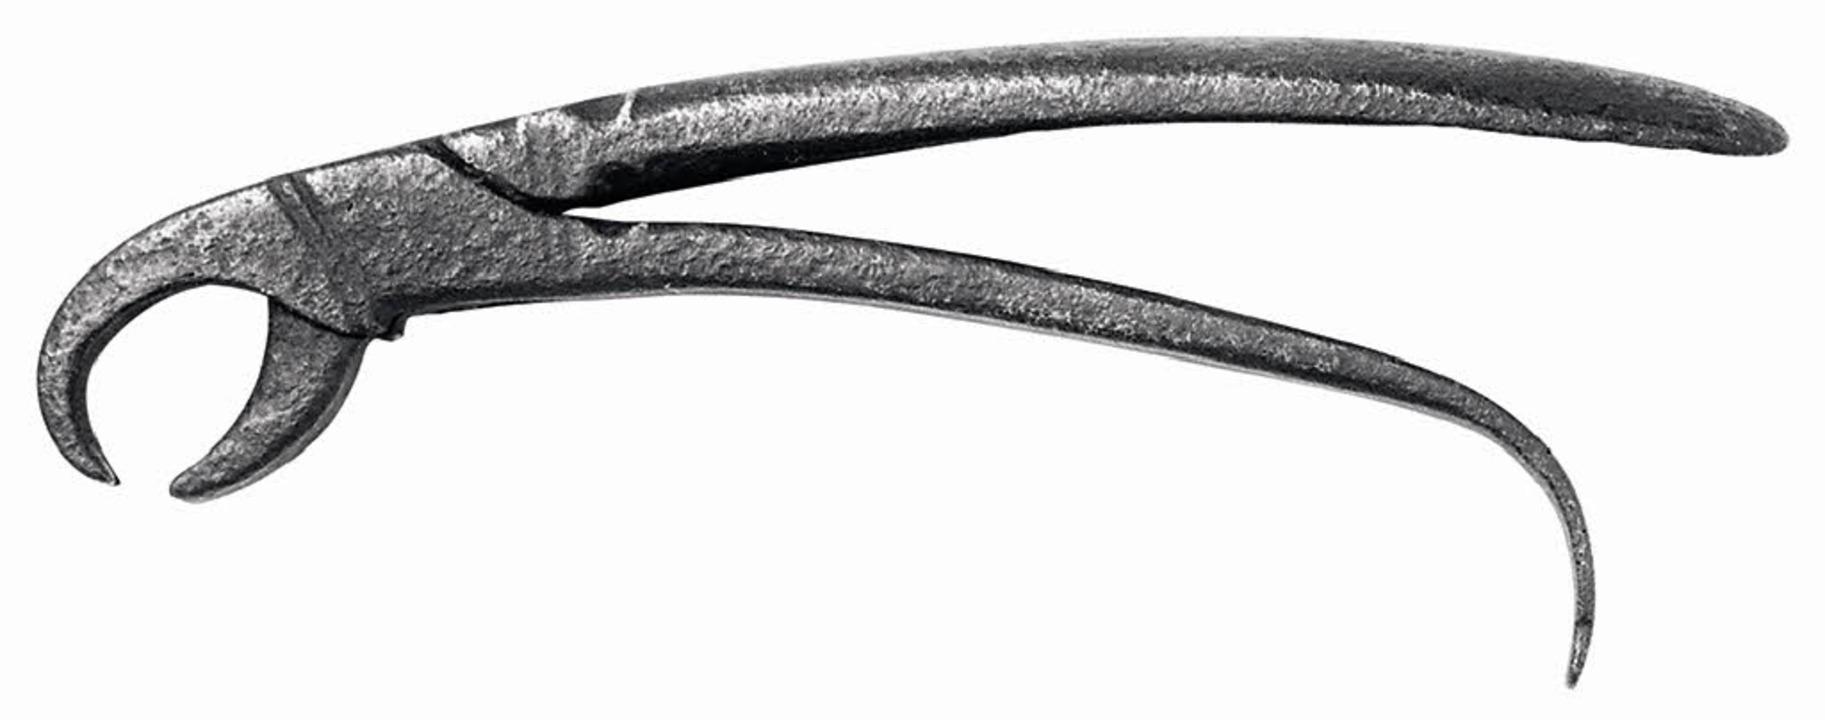 Ein gruseliges Instrument: Zange aus dem 16. Jahrhundert    Foto: verlag